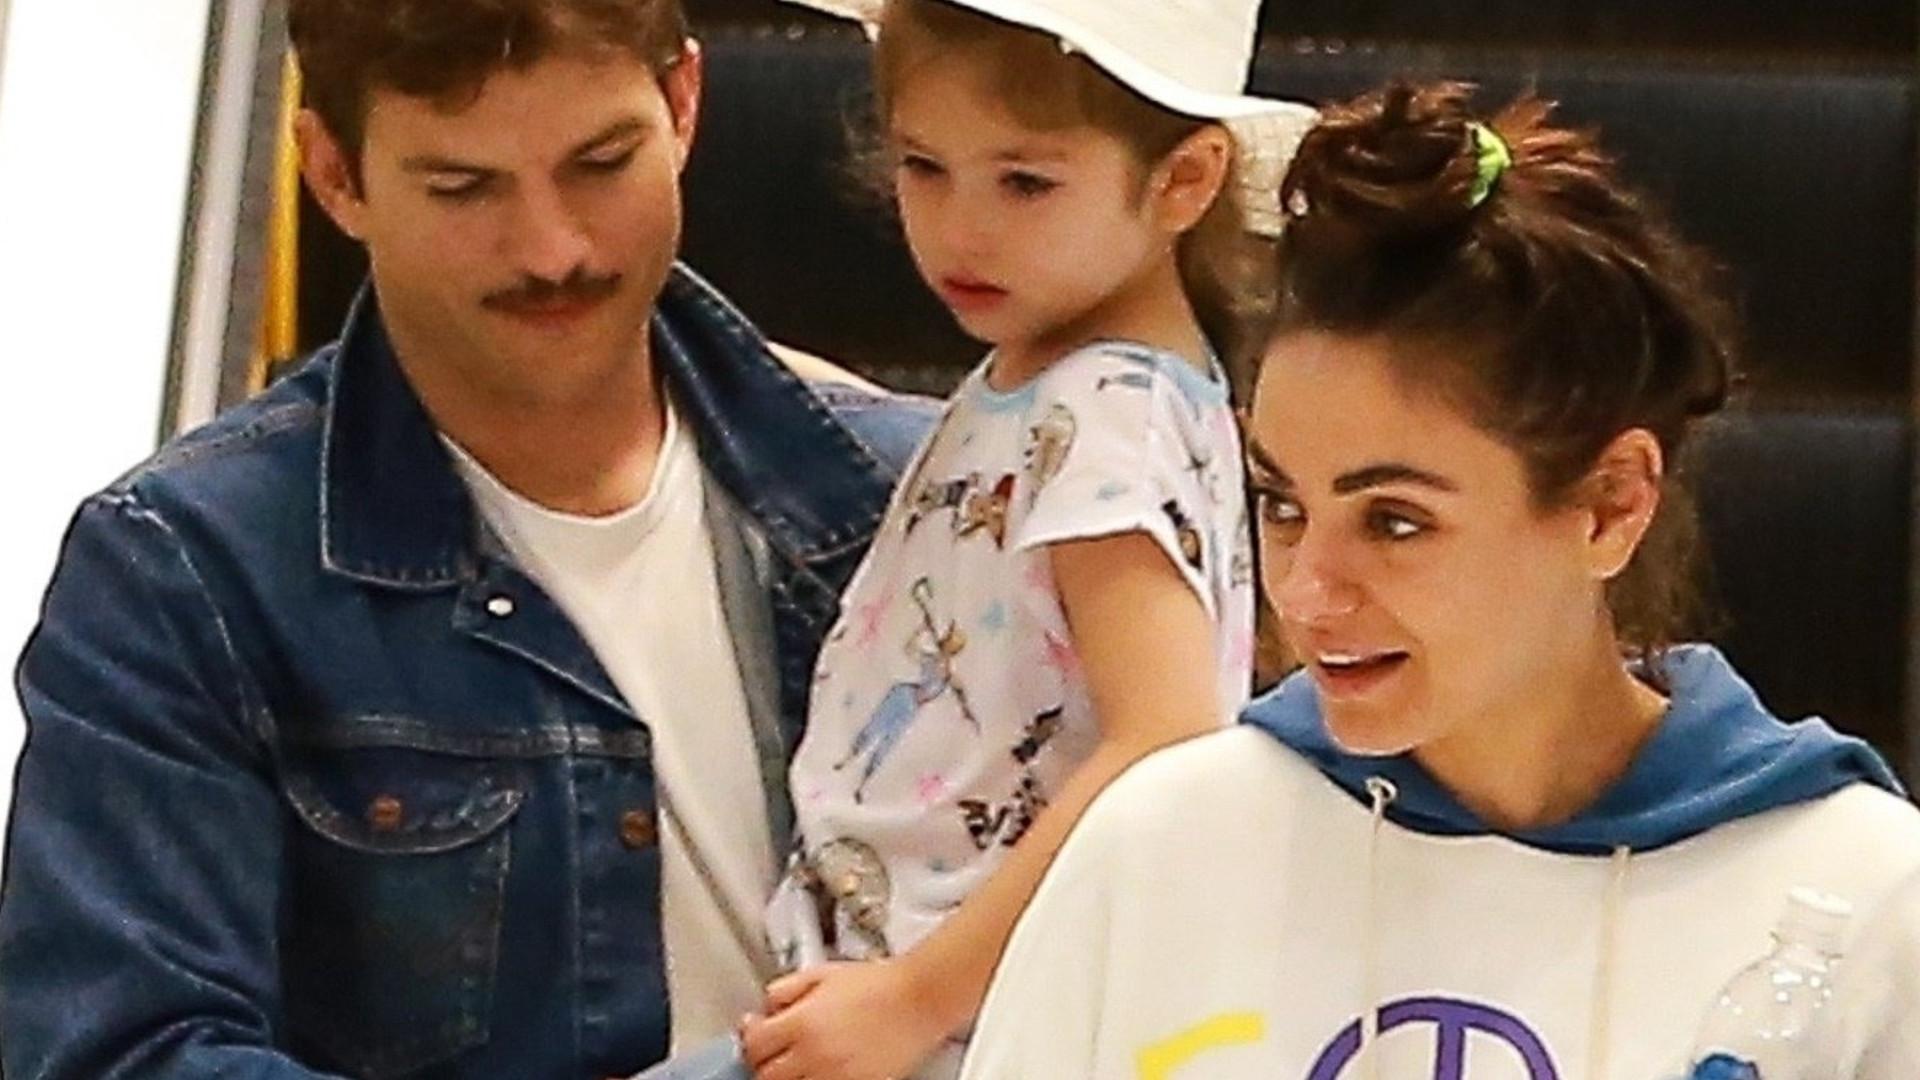 Ale SŁODKIE dzieciaki! Mila Kunis i Ashton Kutcher spędzili sobotę w centrum handlowym (ZDJĘCIA)